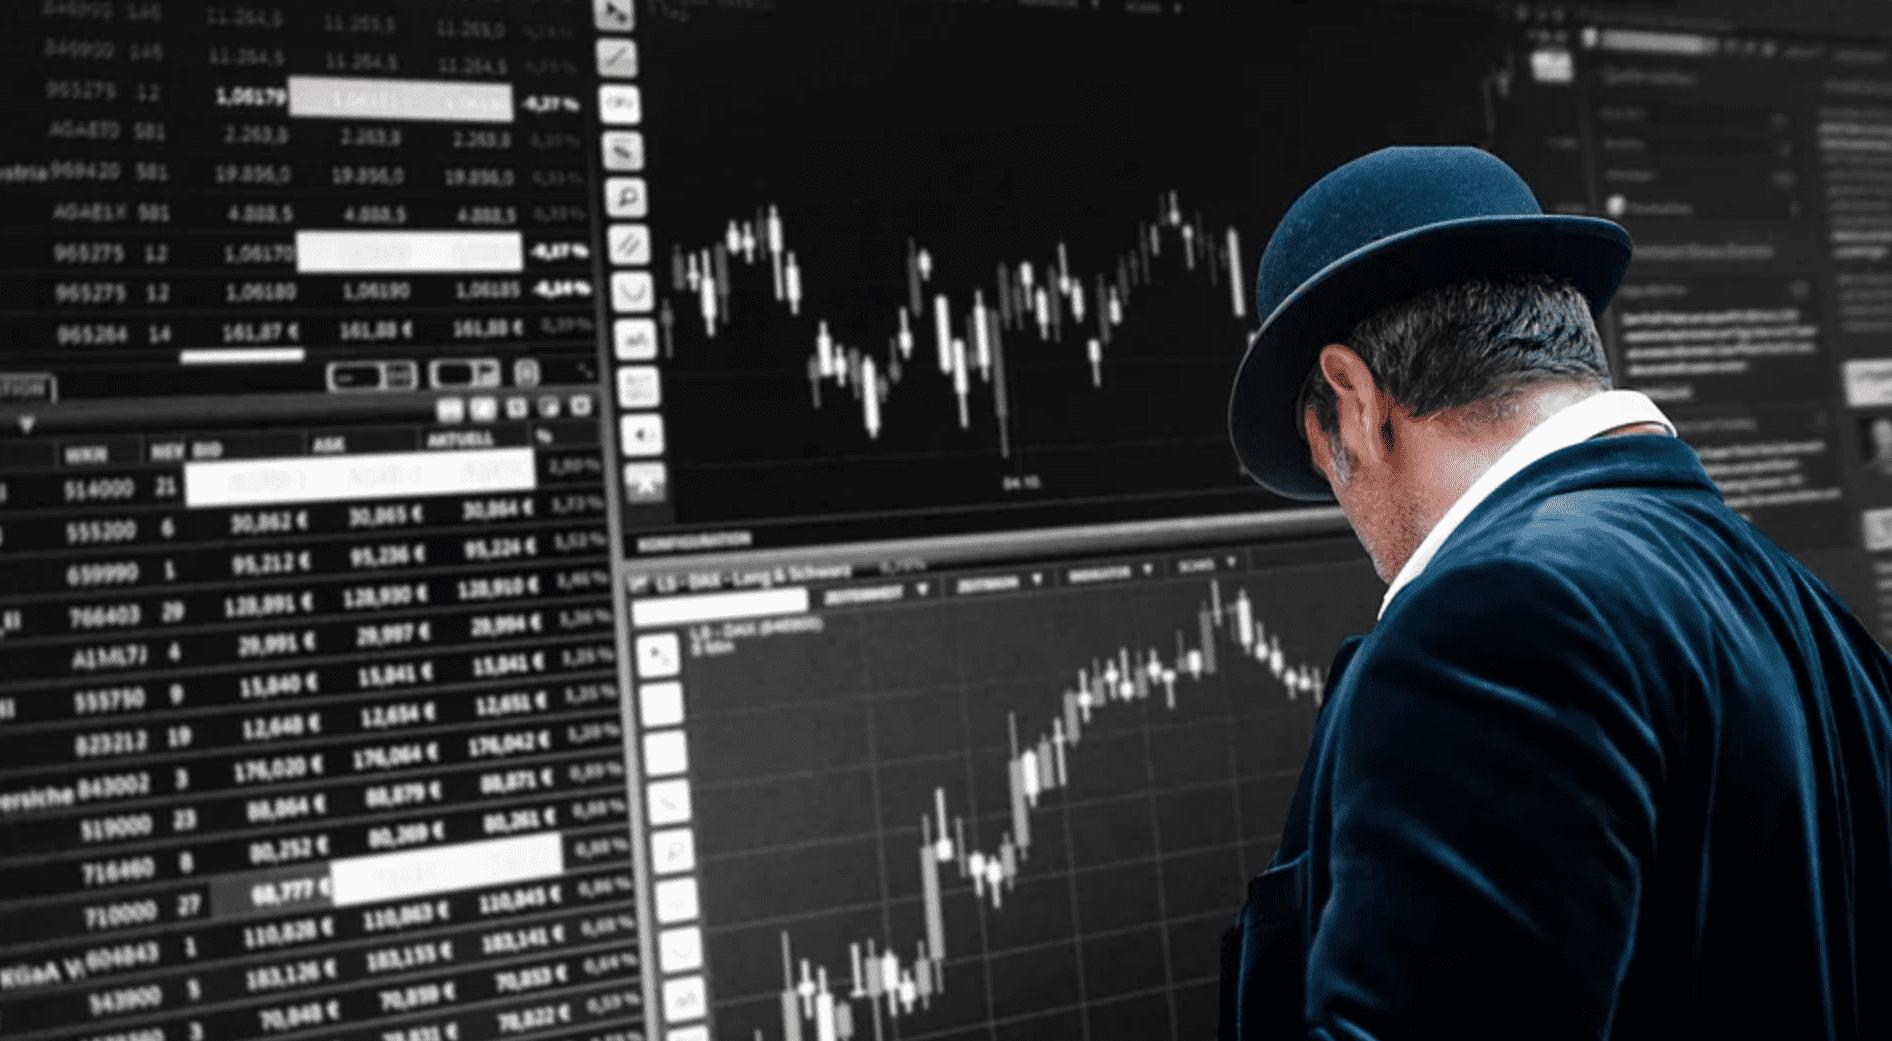 Mejor estrategia forex 2021 forex trading metatrader 5 torrent